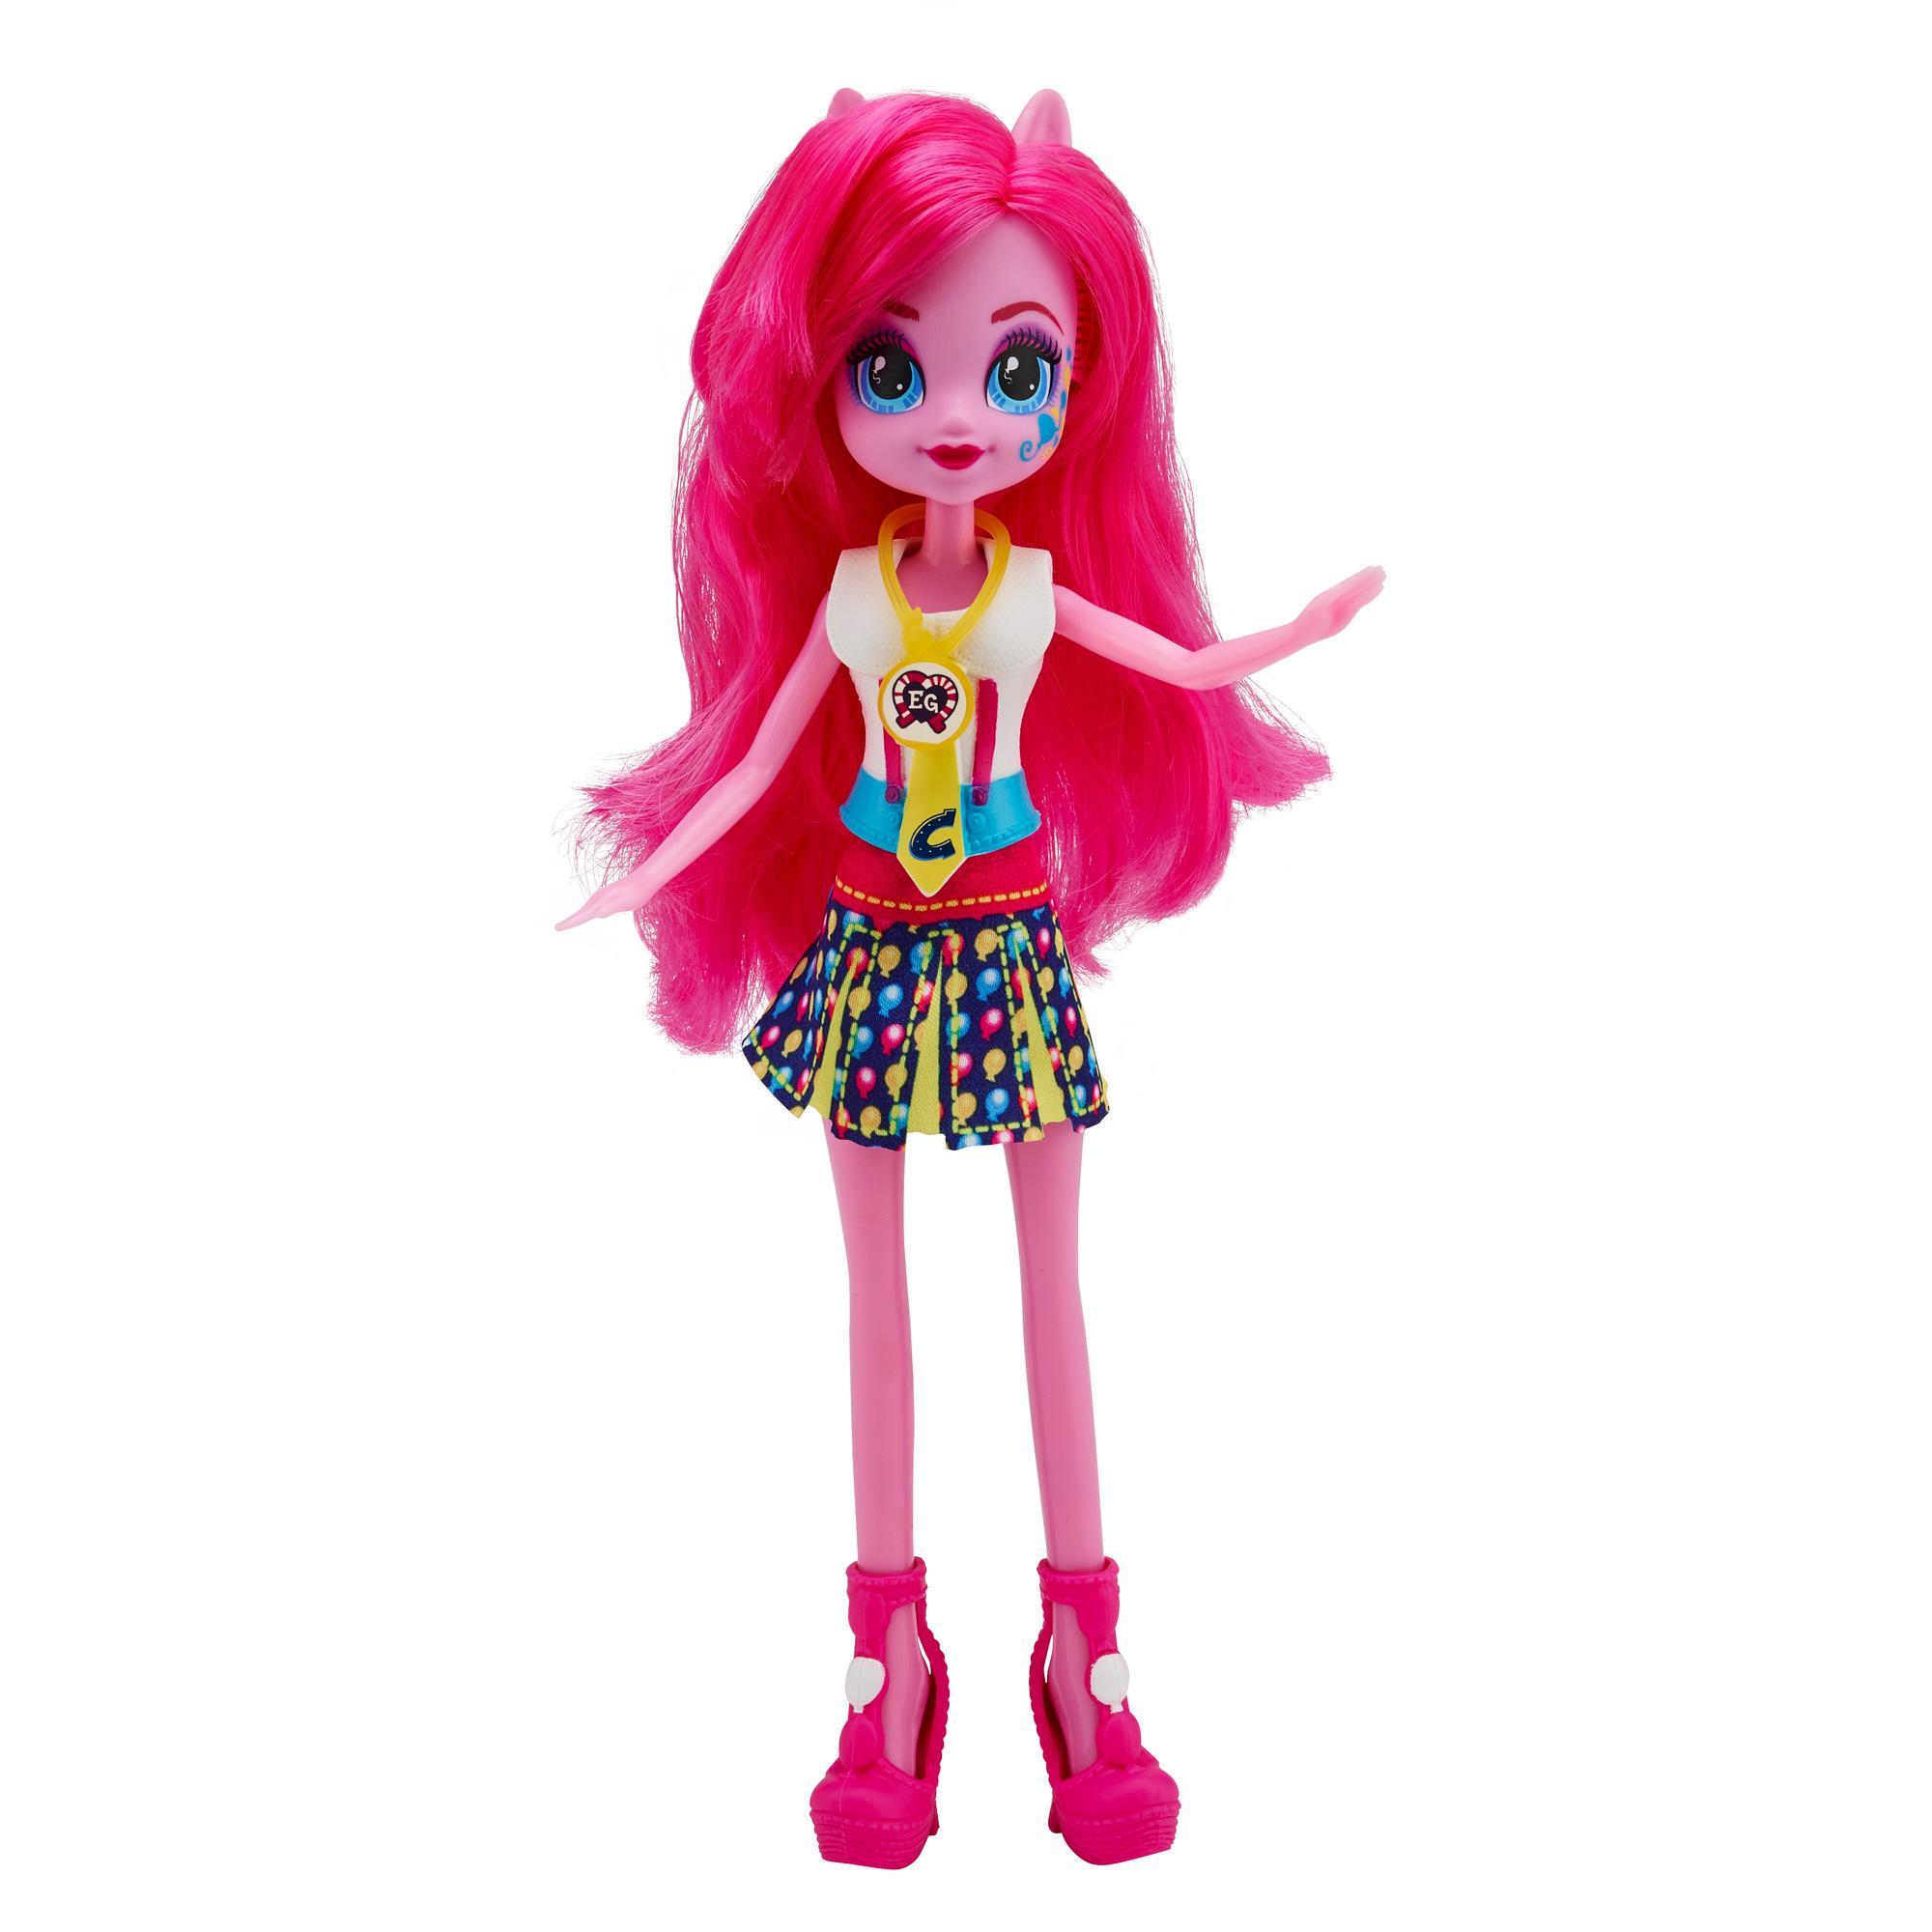 Equestria Girls Doll